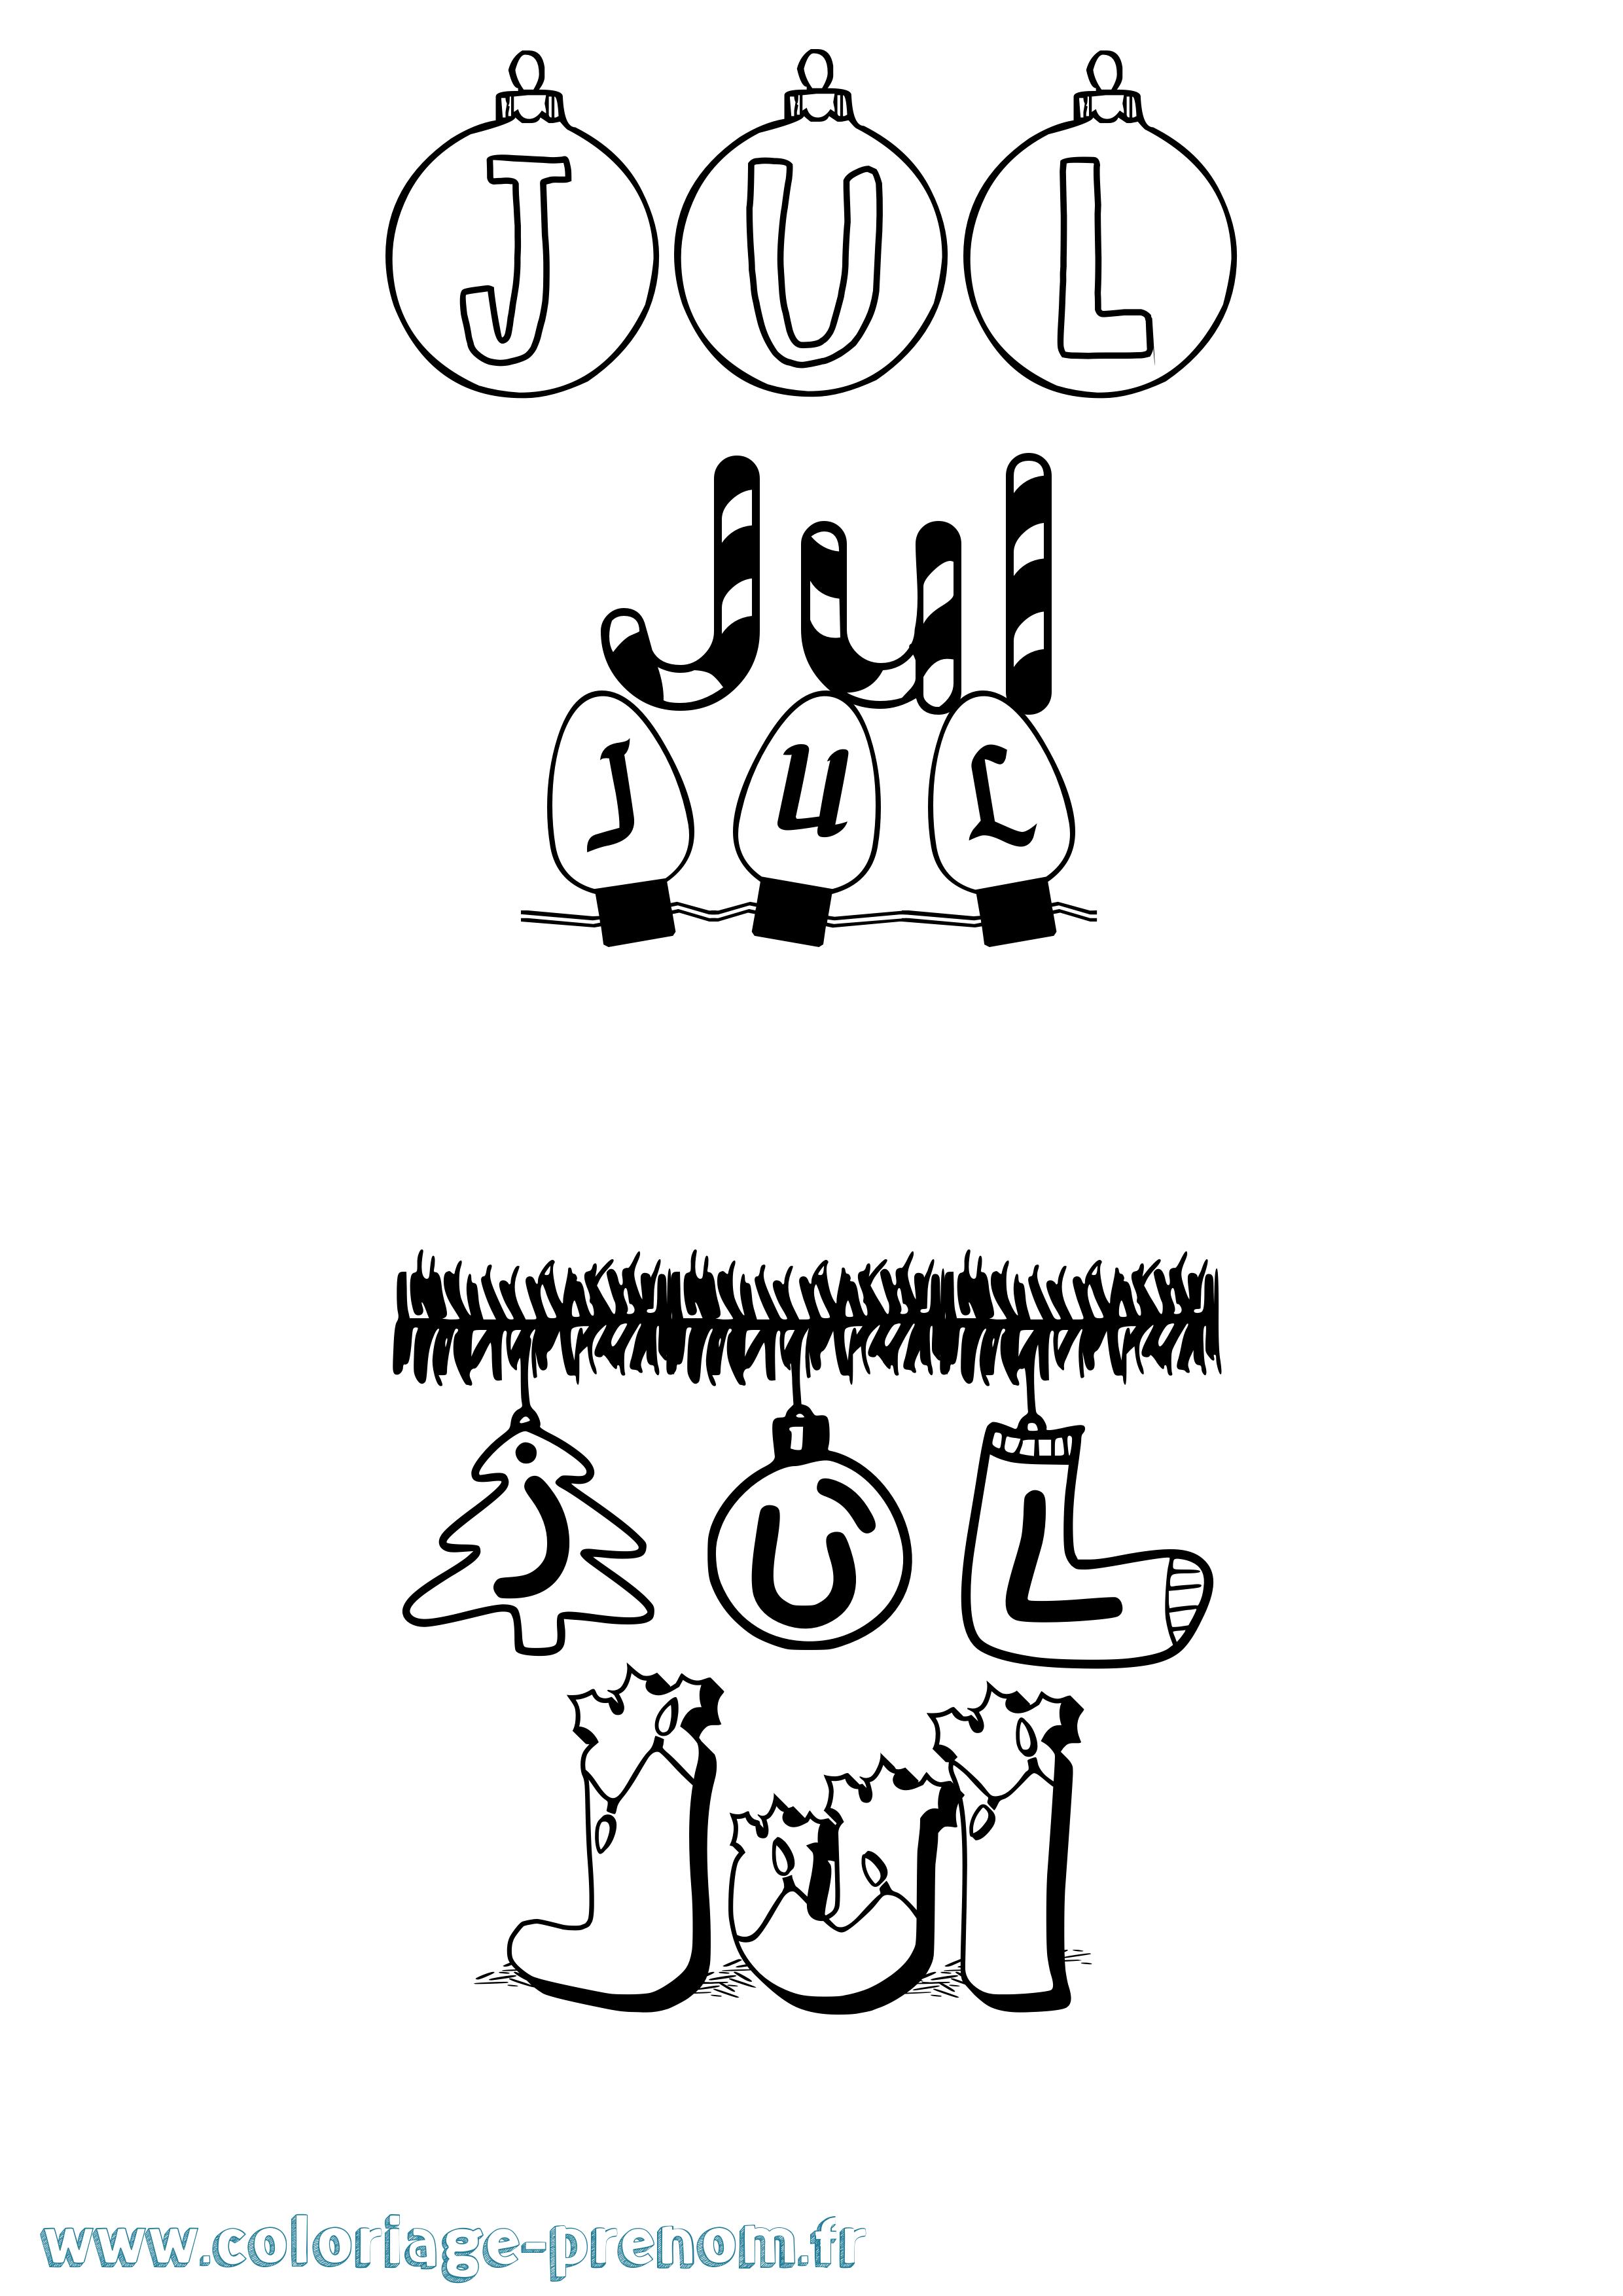 Coloriage du prénom Jul : à Imprimer ou Télécharger facilement